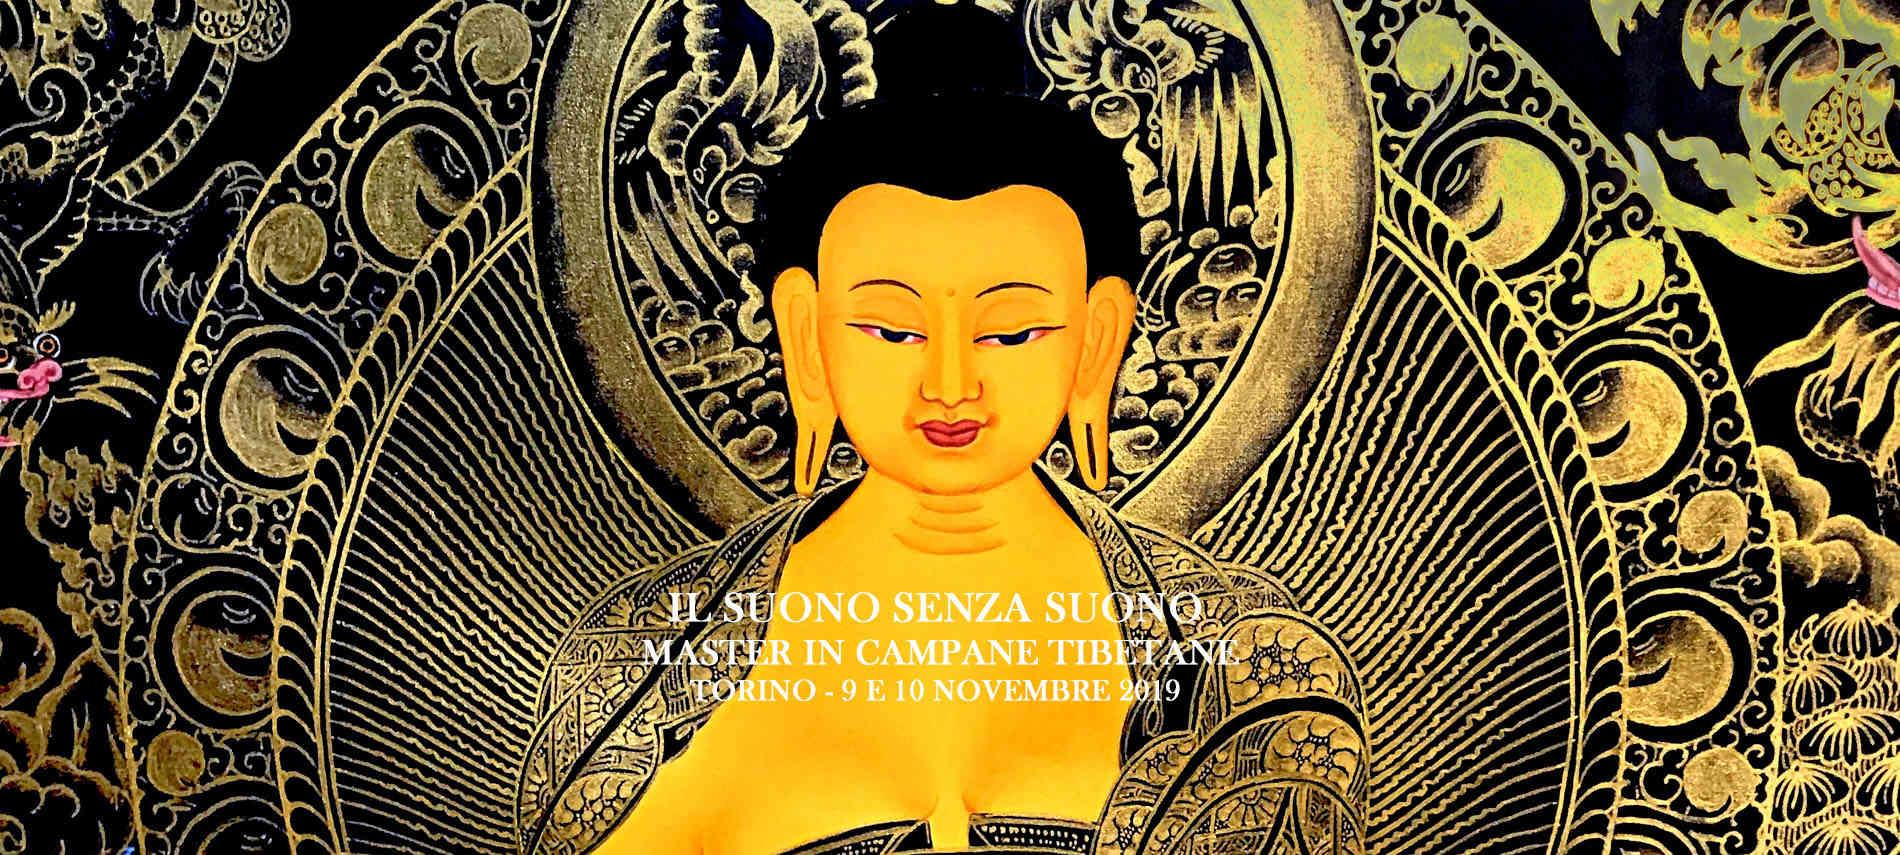 Campane Tibetane Torino Il Suono Senza Suono